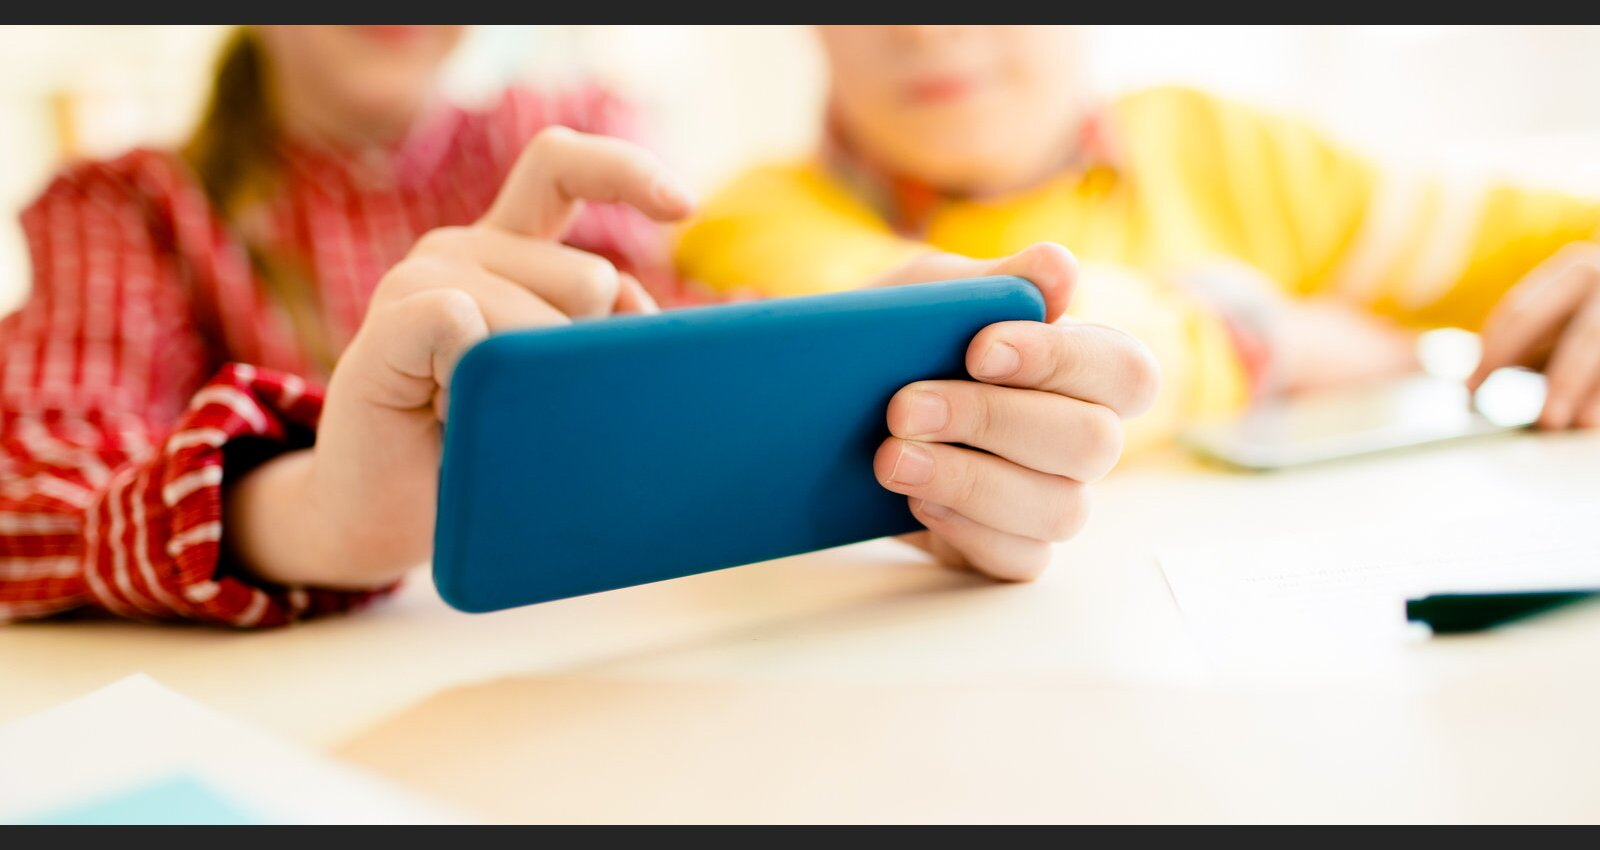 Neķītrības bērnudārzā – sekas pāragrai pornogrāfijas pieejamībai